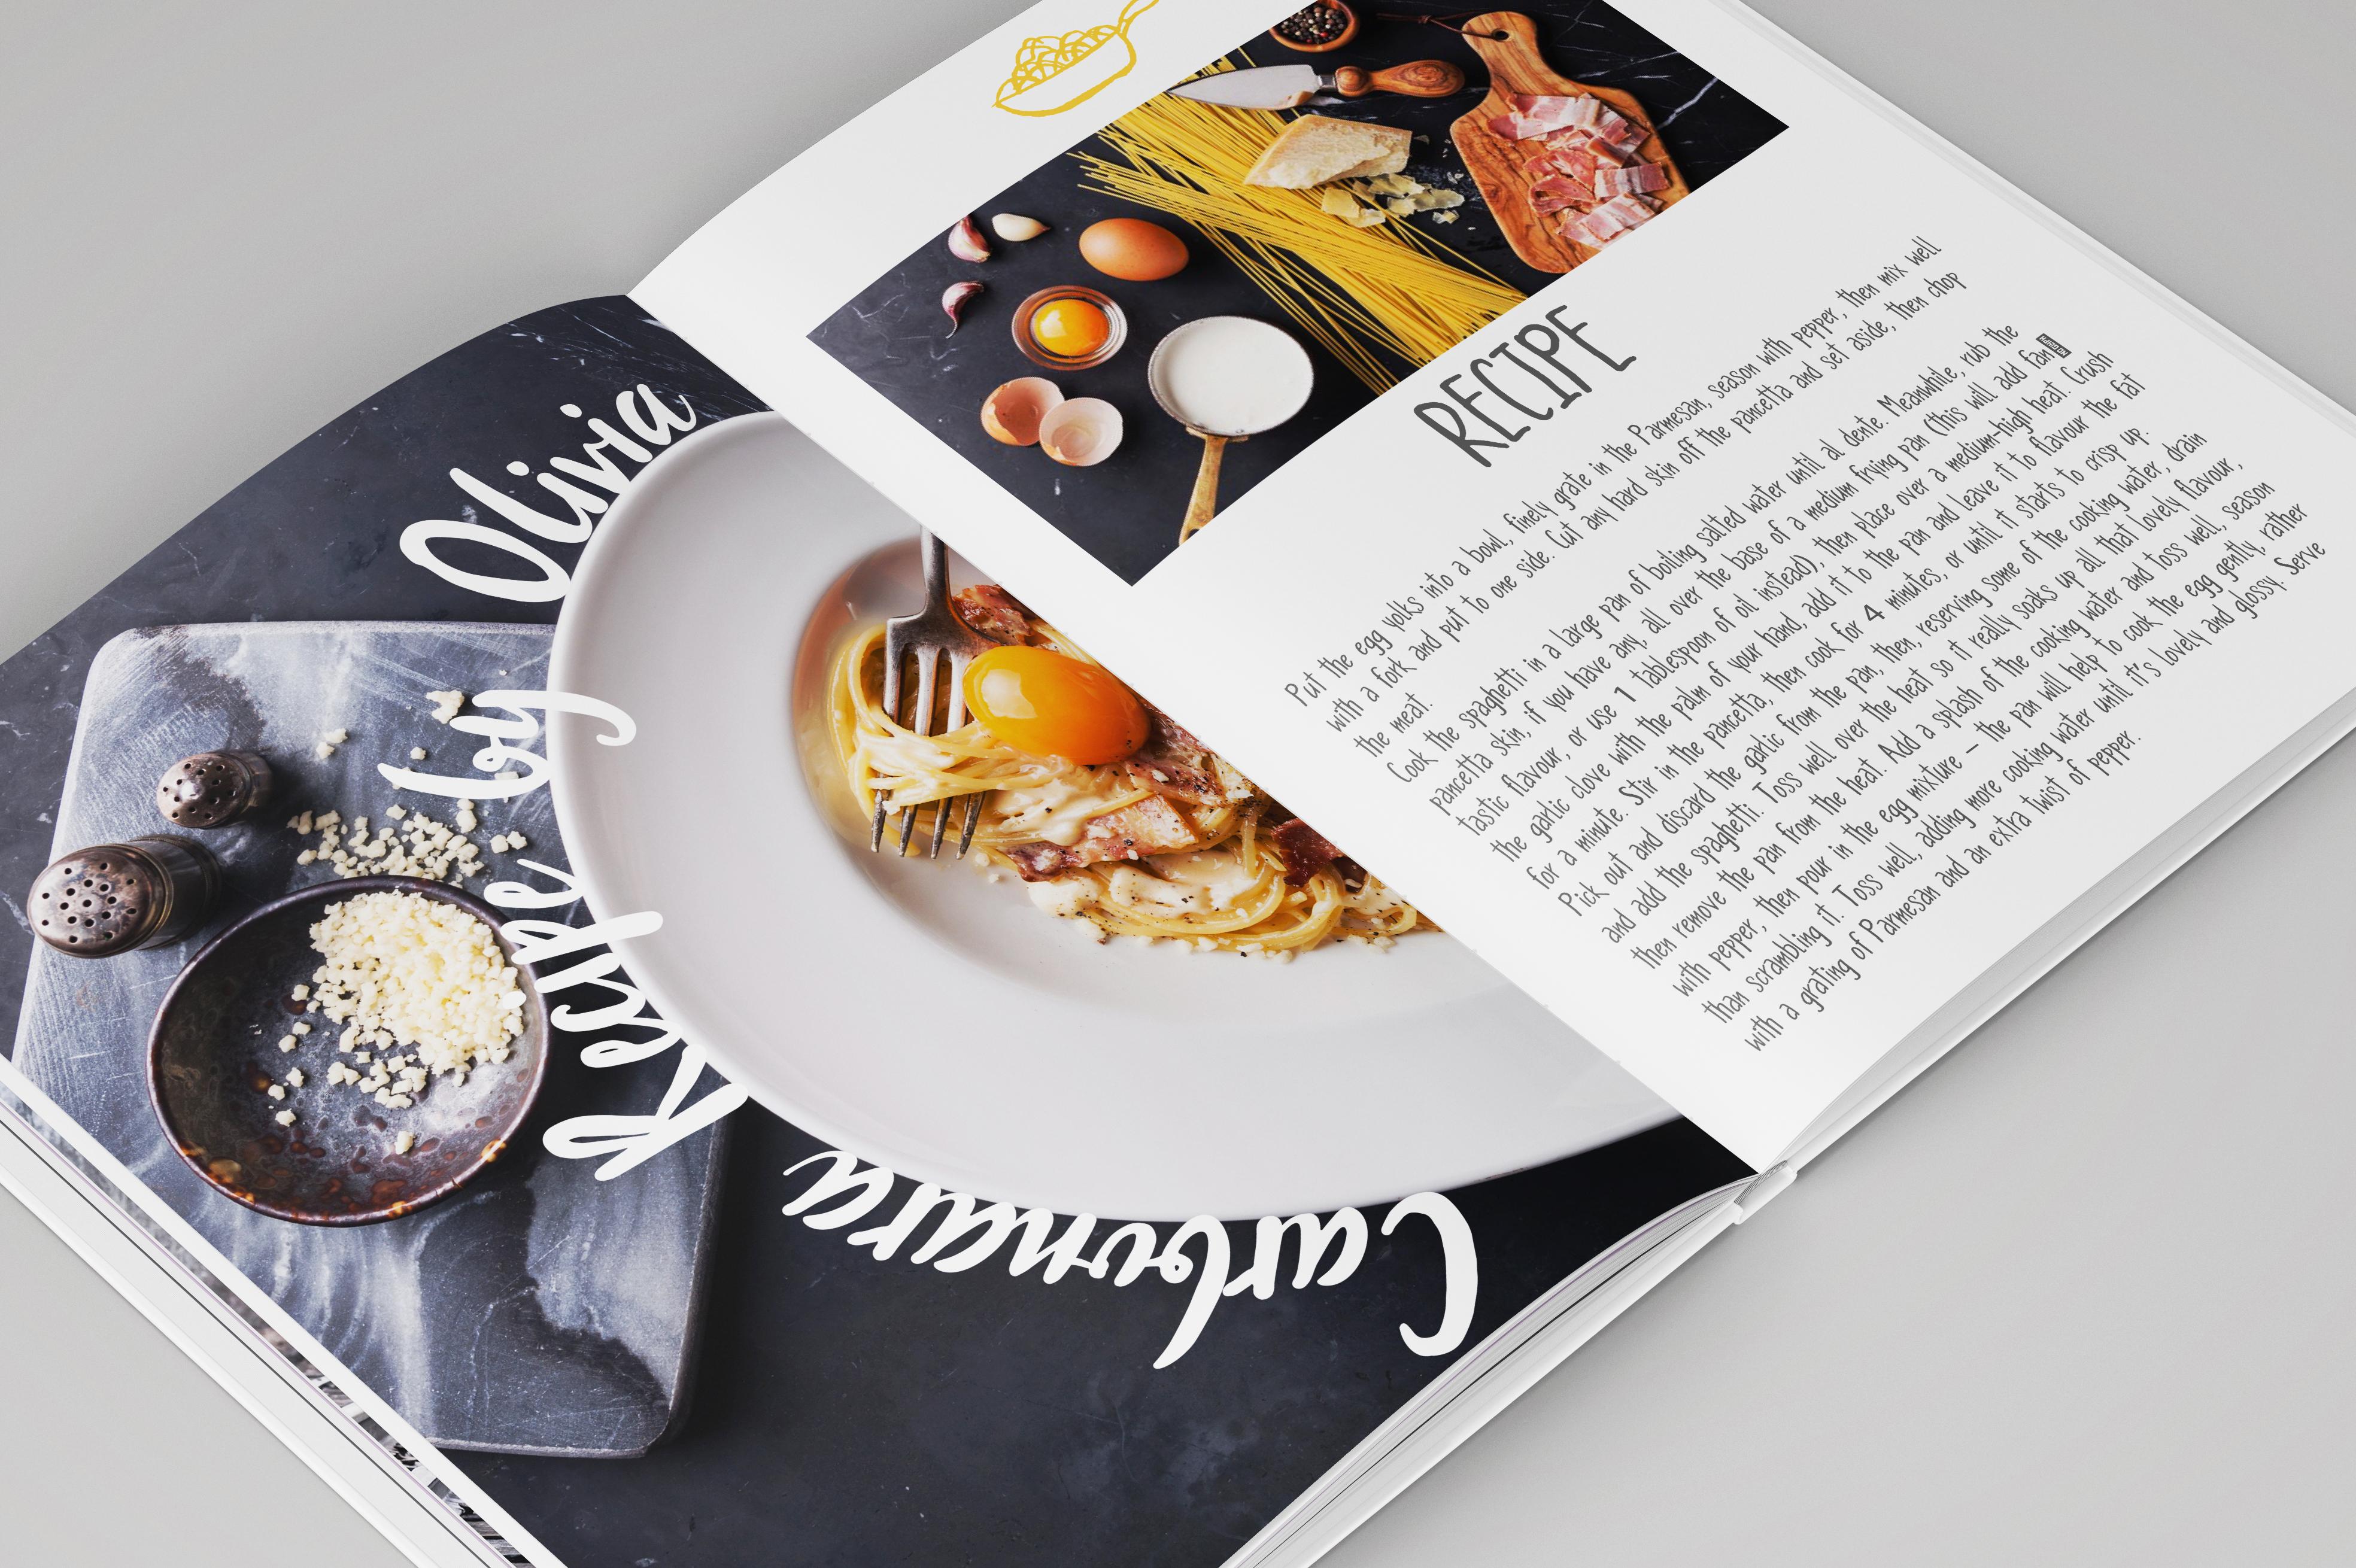 手绘厨房主题英文字体矢量图案下载 Three Food Stories [Font Trio]插图(1)